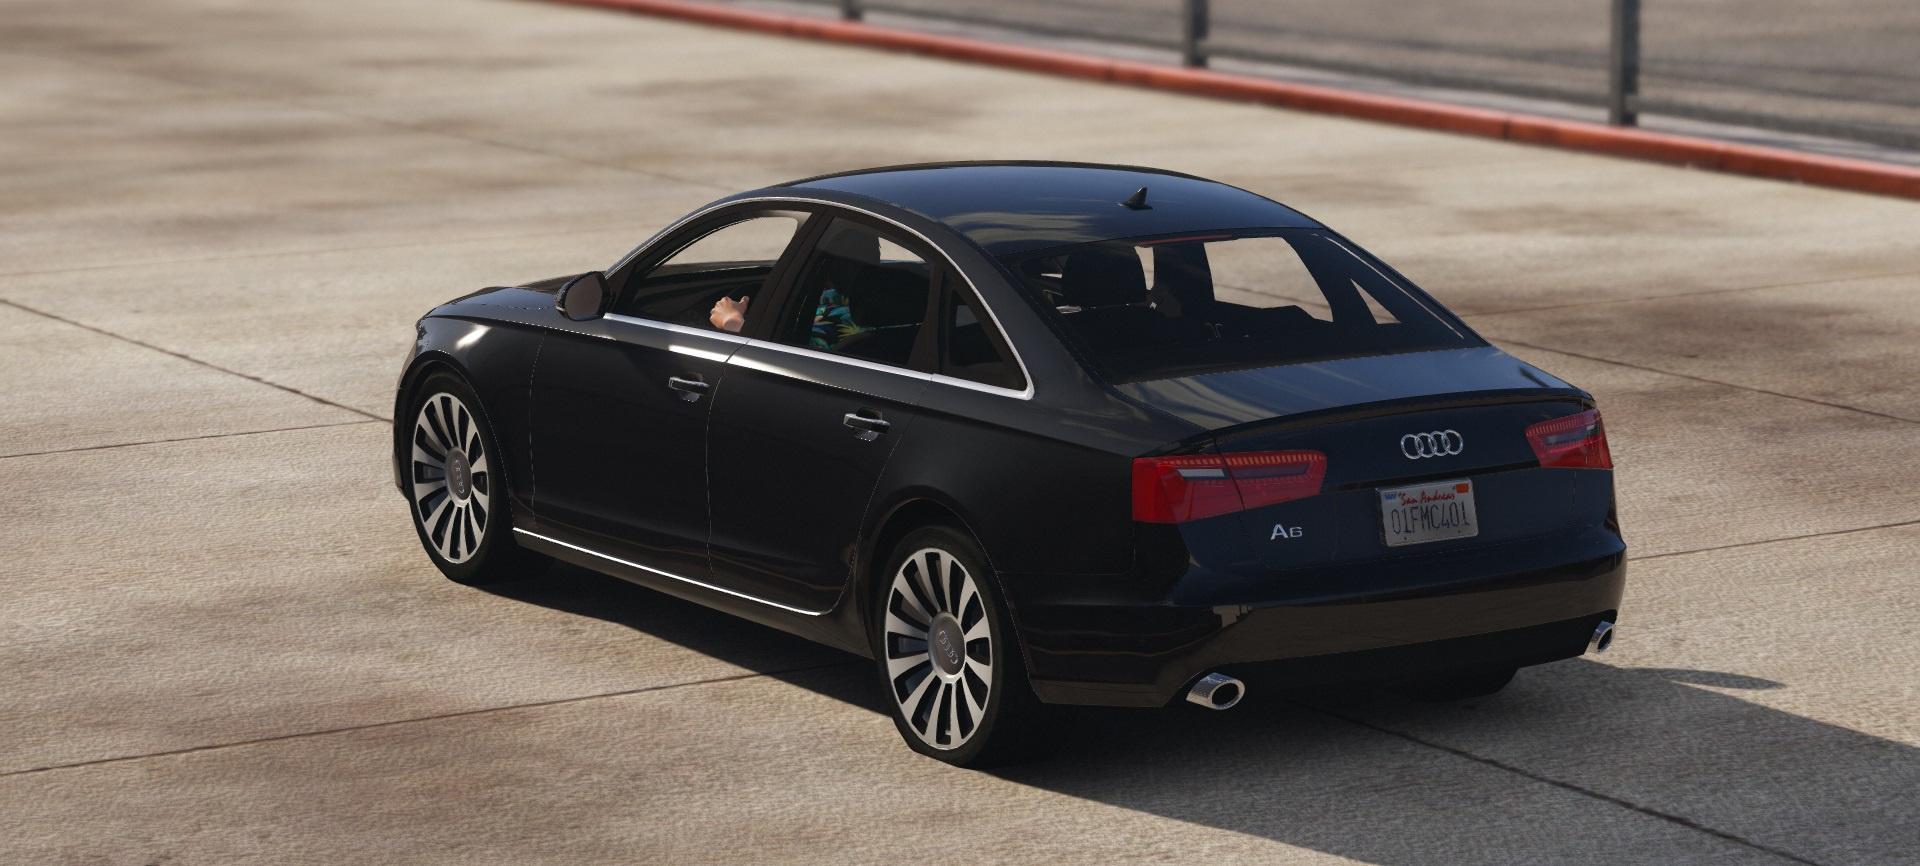 Audi A6 C7 Limousine Gta5 Mods Com